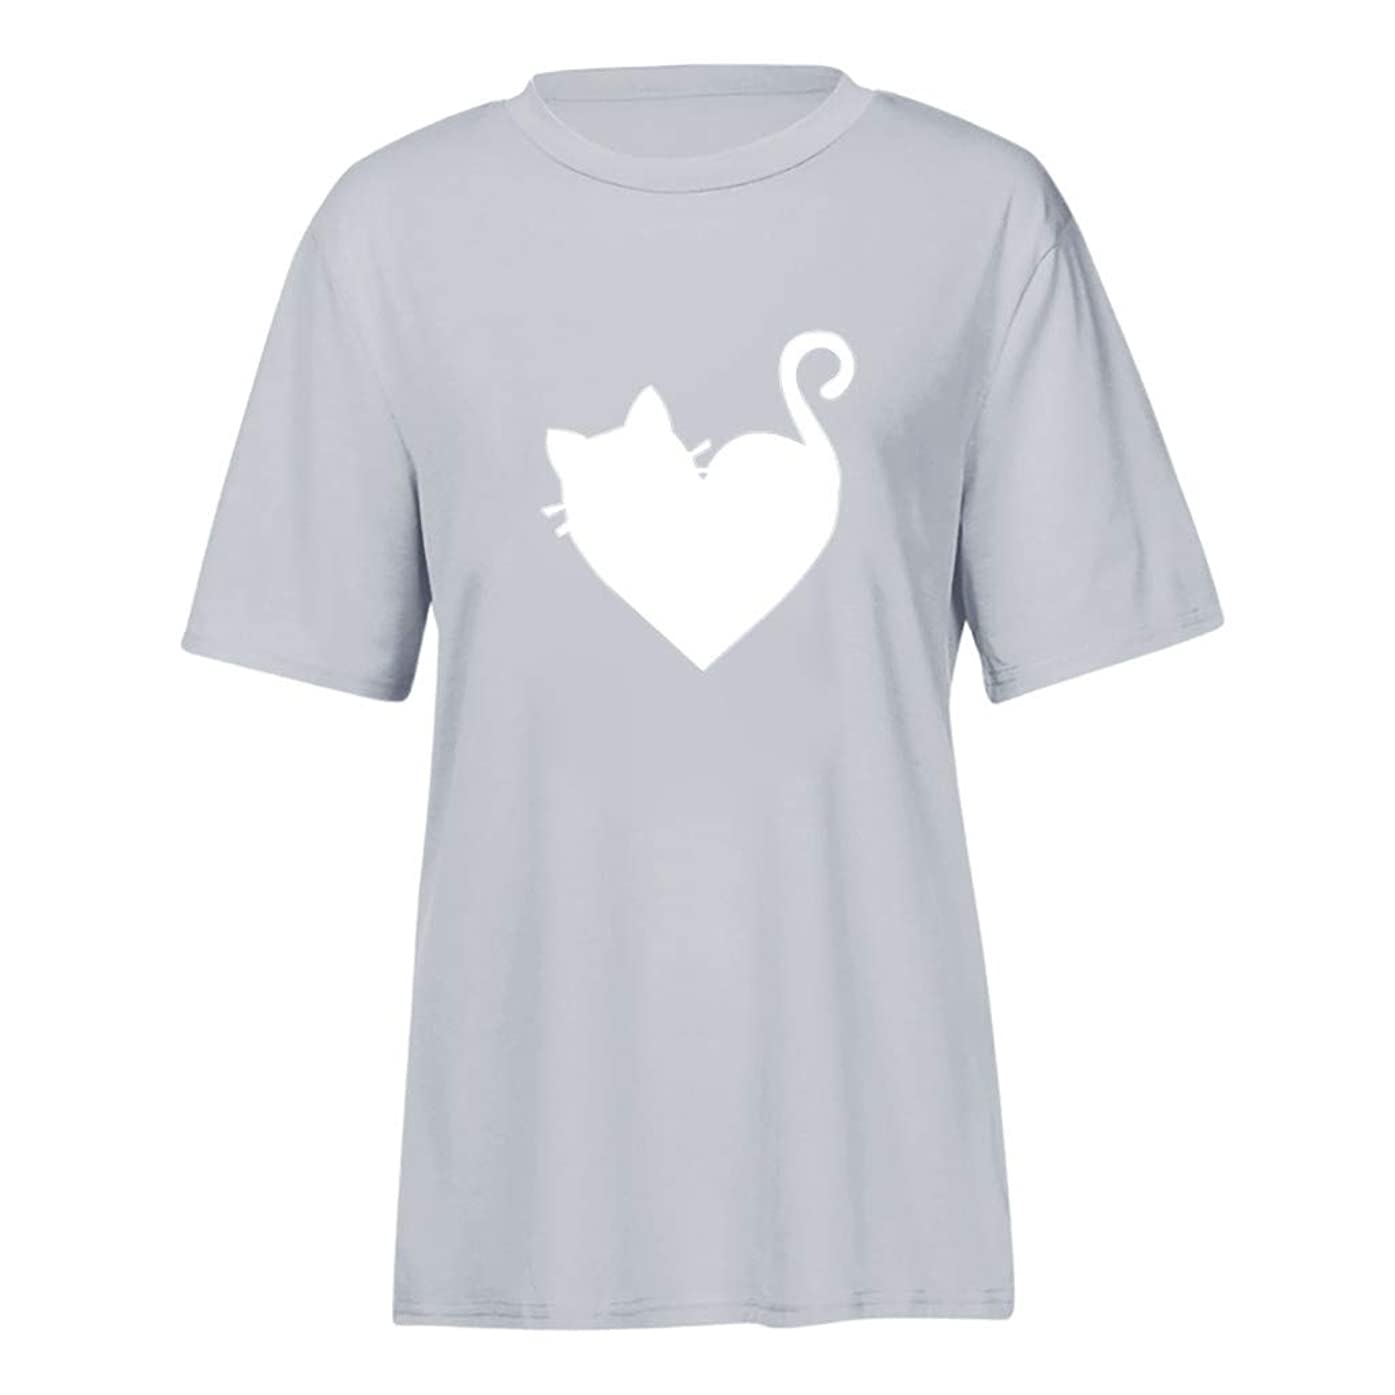 マスク傷跡殺す半袖 トップス Foreted レディース Tシャツ 猫模様 ゆるい ゆったり おしゃれ かわいい 日常 トップス Tシャツ おもしろ プリント